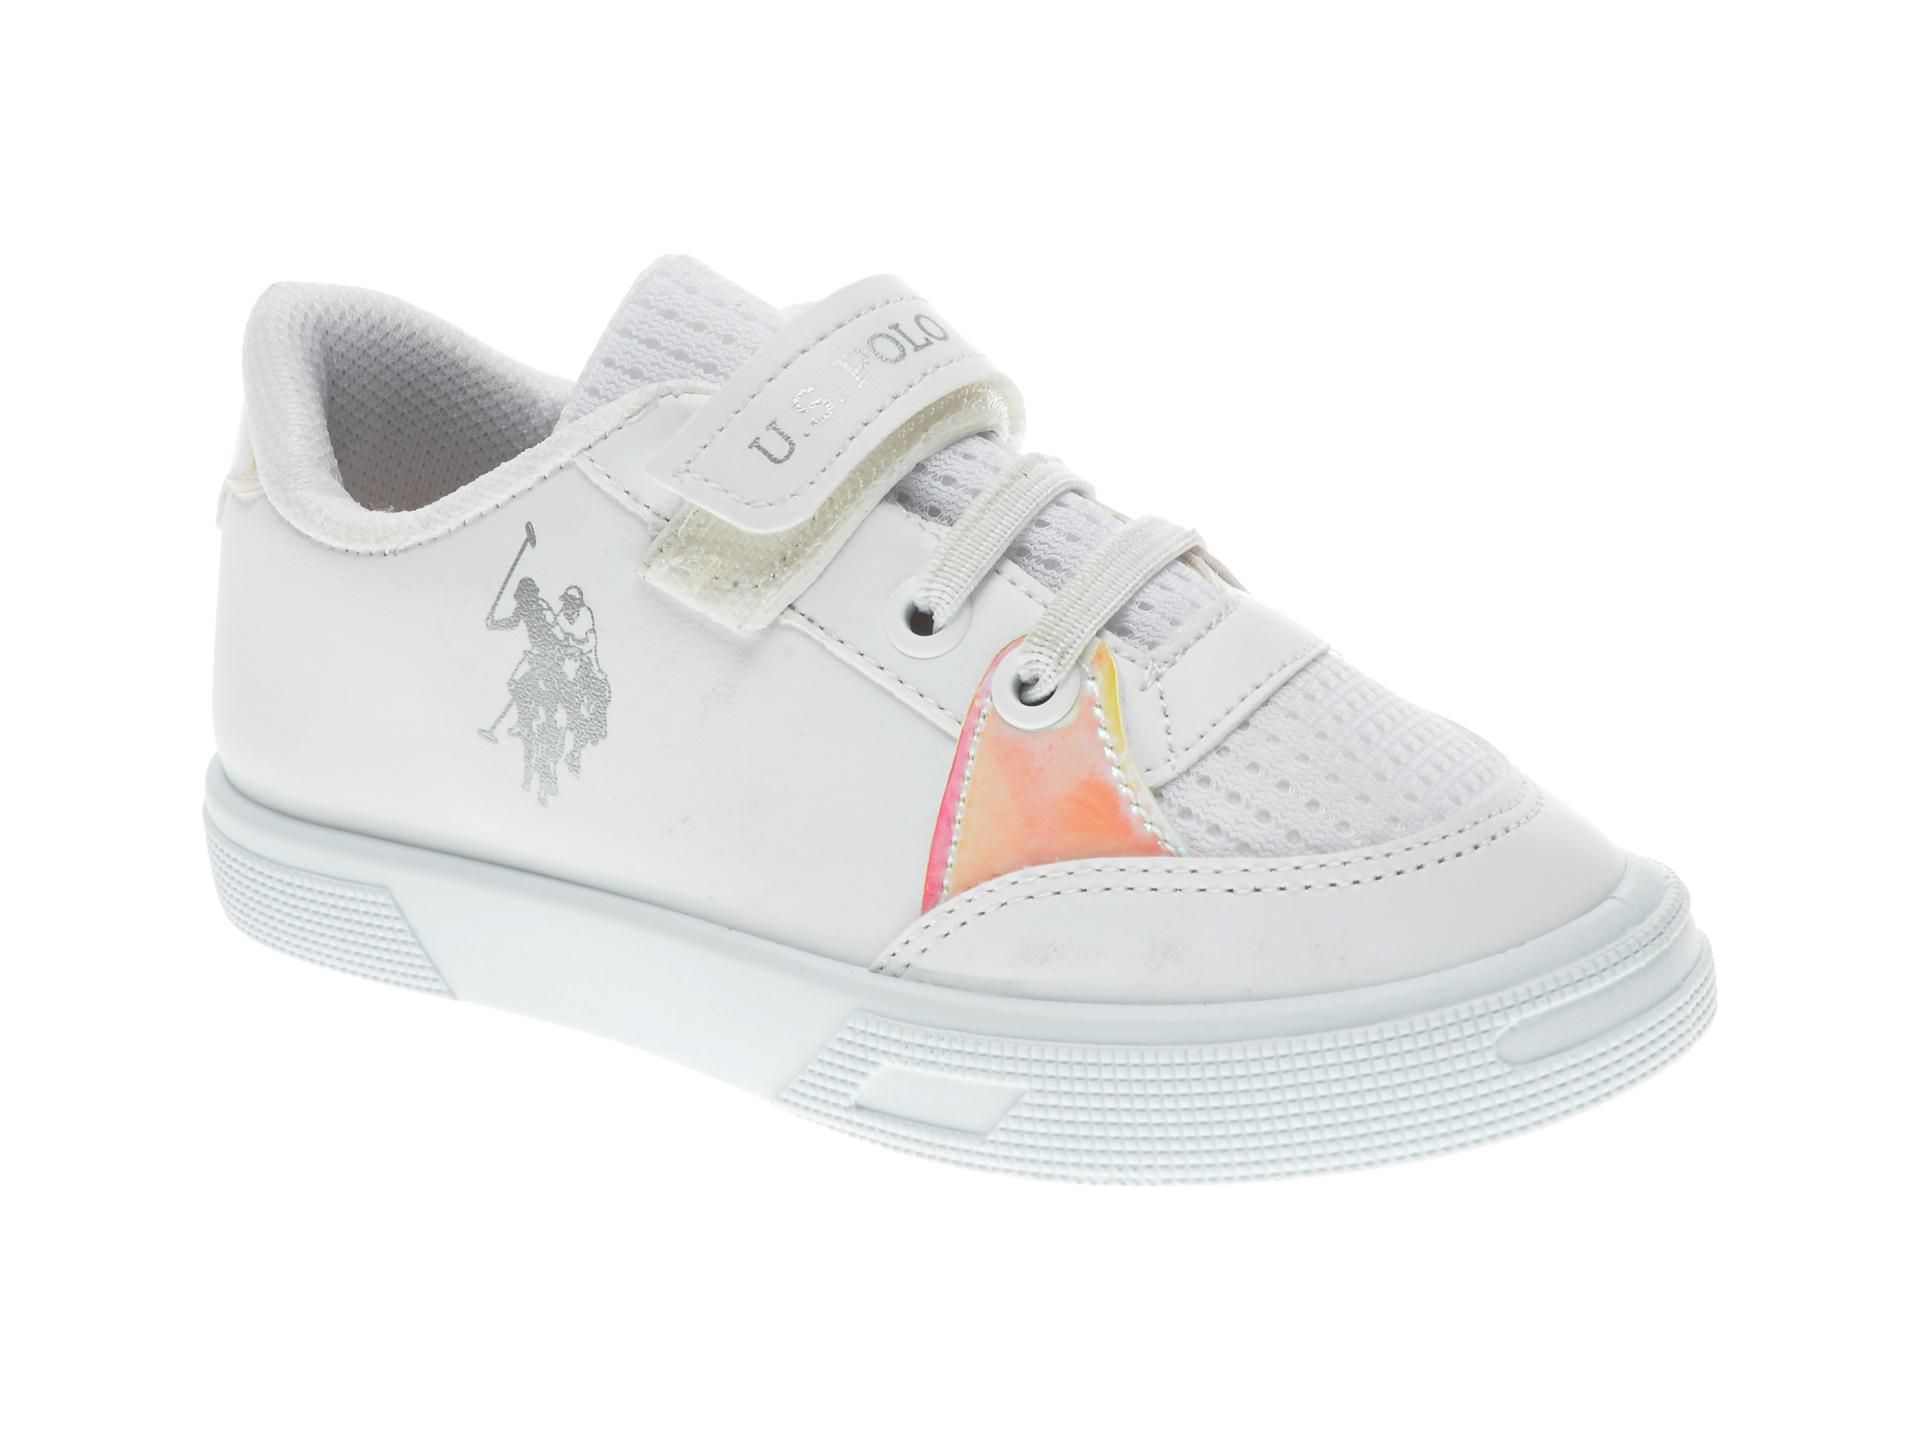 Pantofi sport US POLO ASSN albi, 505059, din piele ecologica imagine